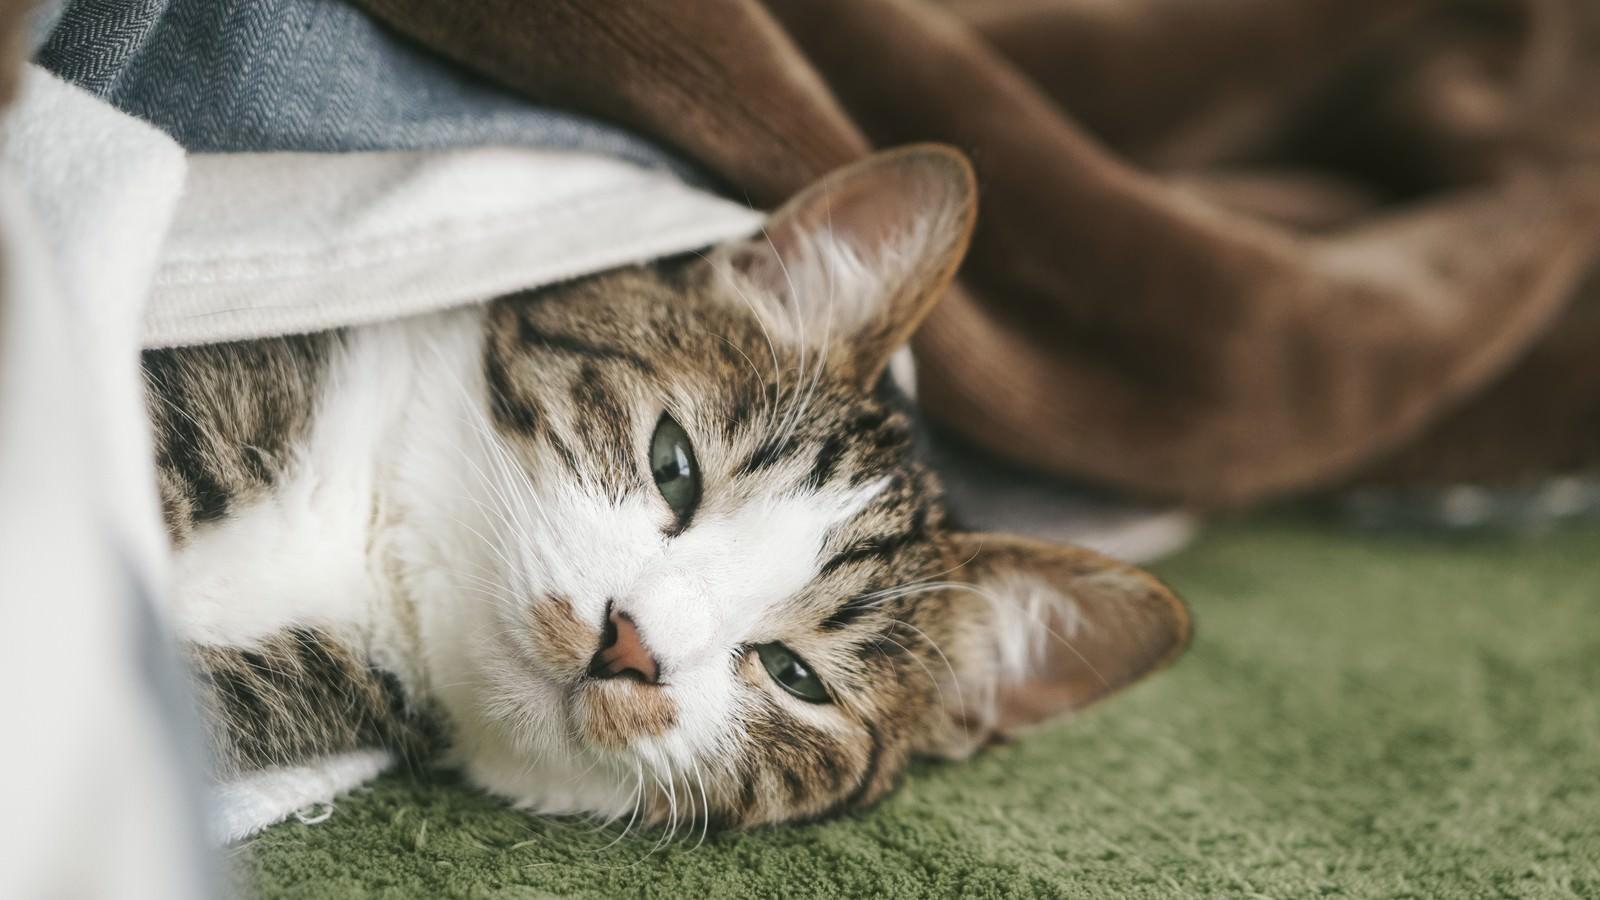 「ぬくぬくのお布団から出てこない猫ぬくぬくのお布団から出てこない猫」のフリー写真素材を拡大